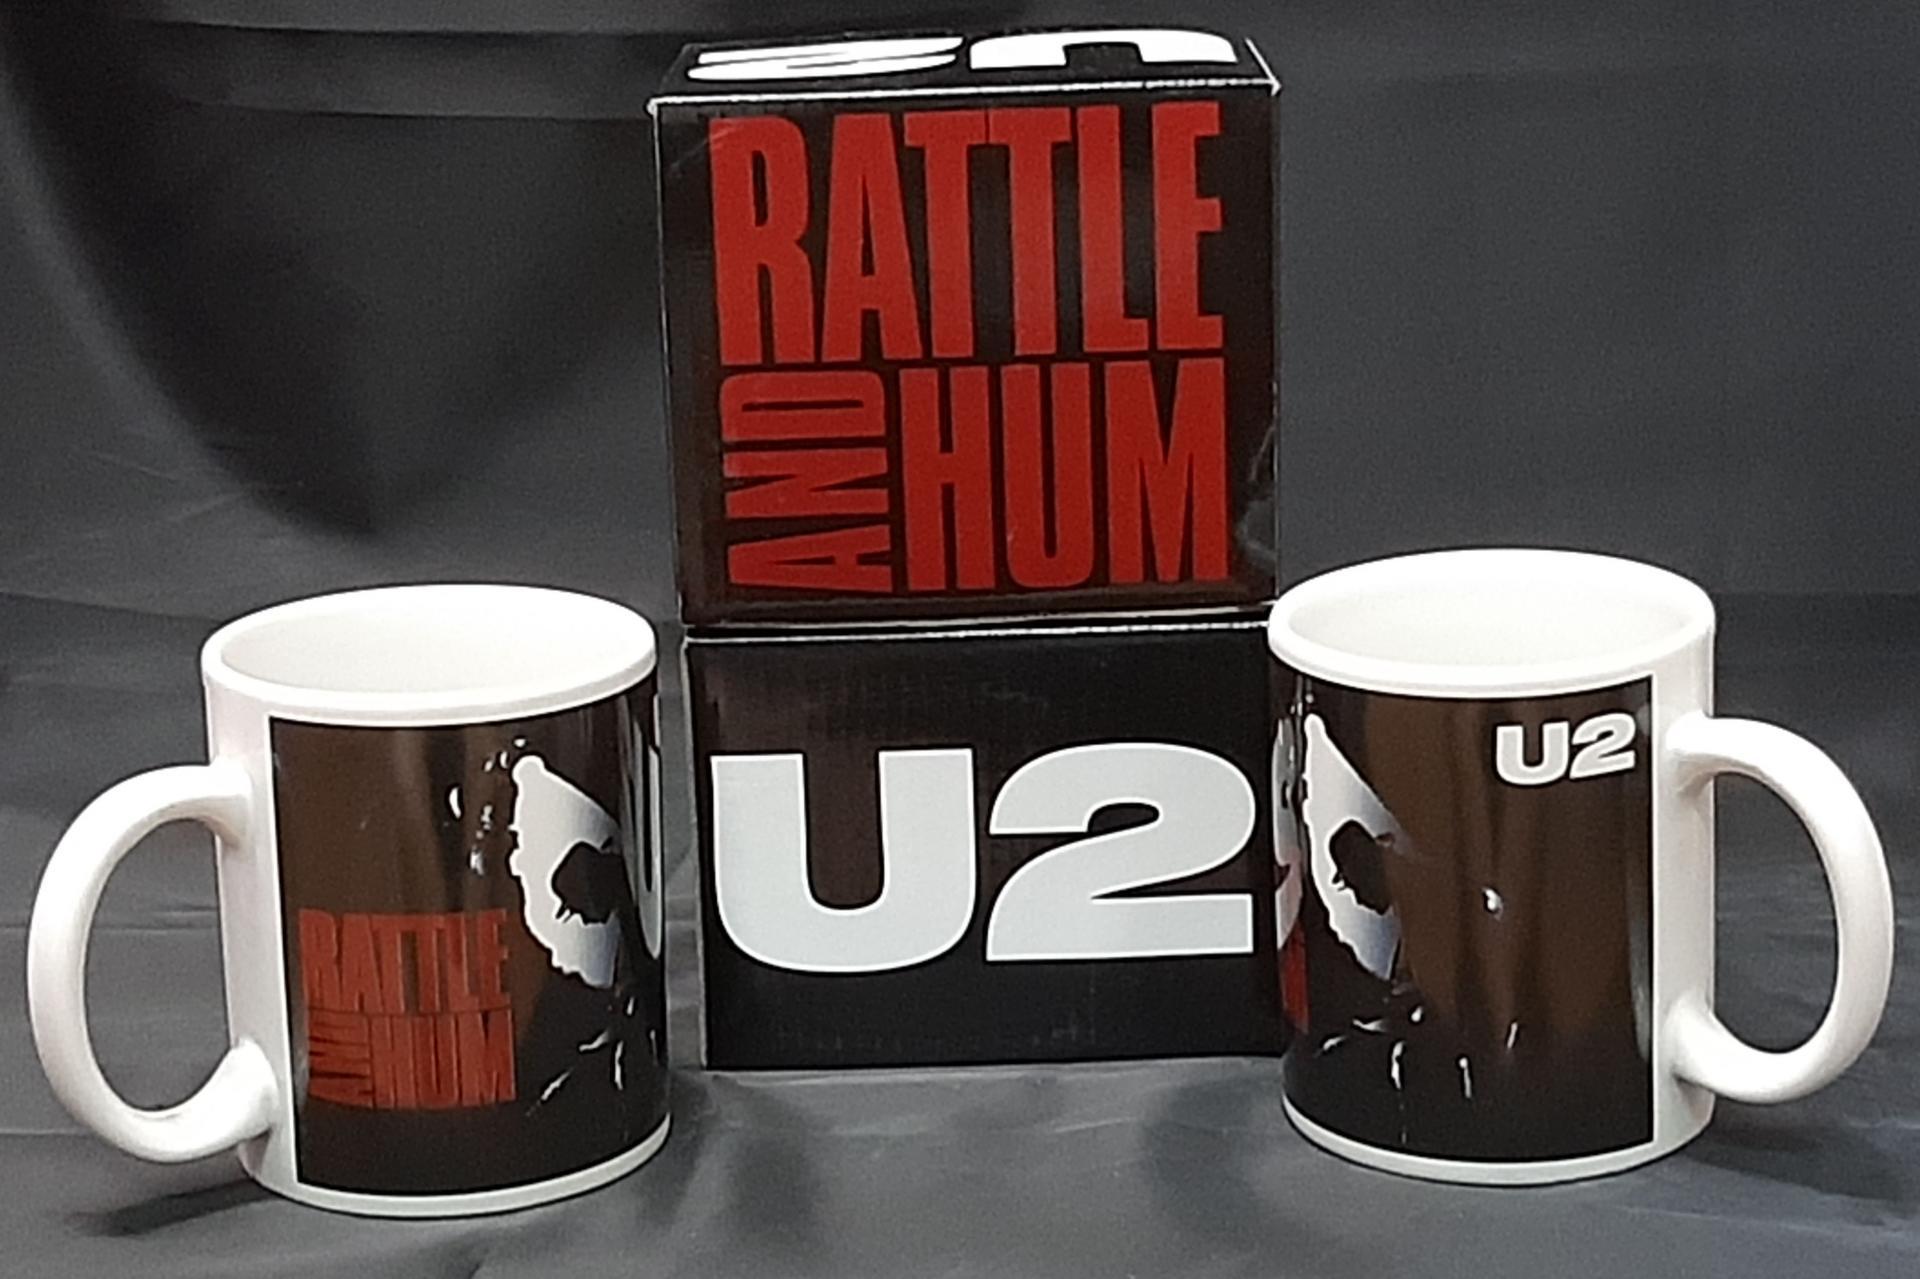 Taza U2 Rattle and Hum